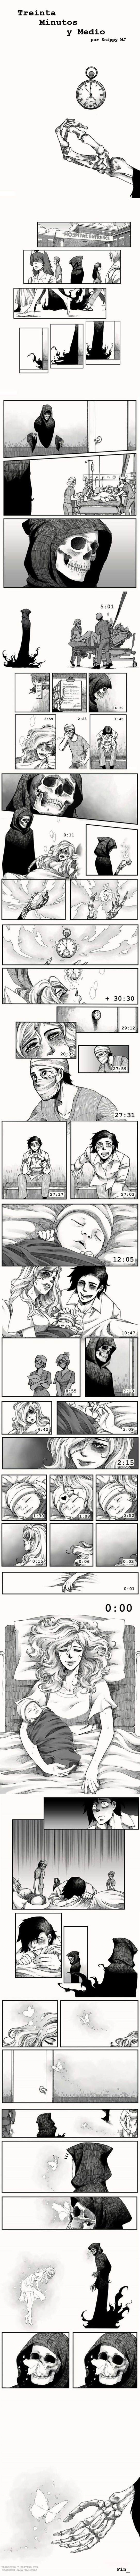 historia triste de la muerte llevandose a una madre